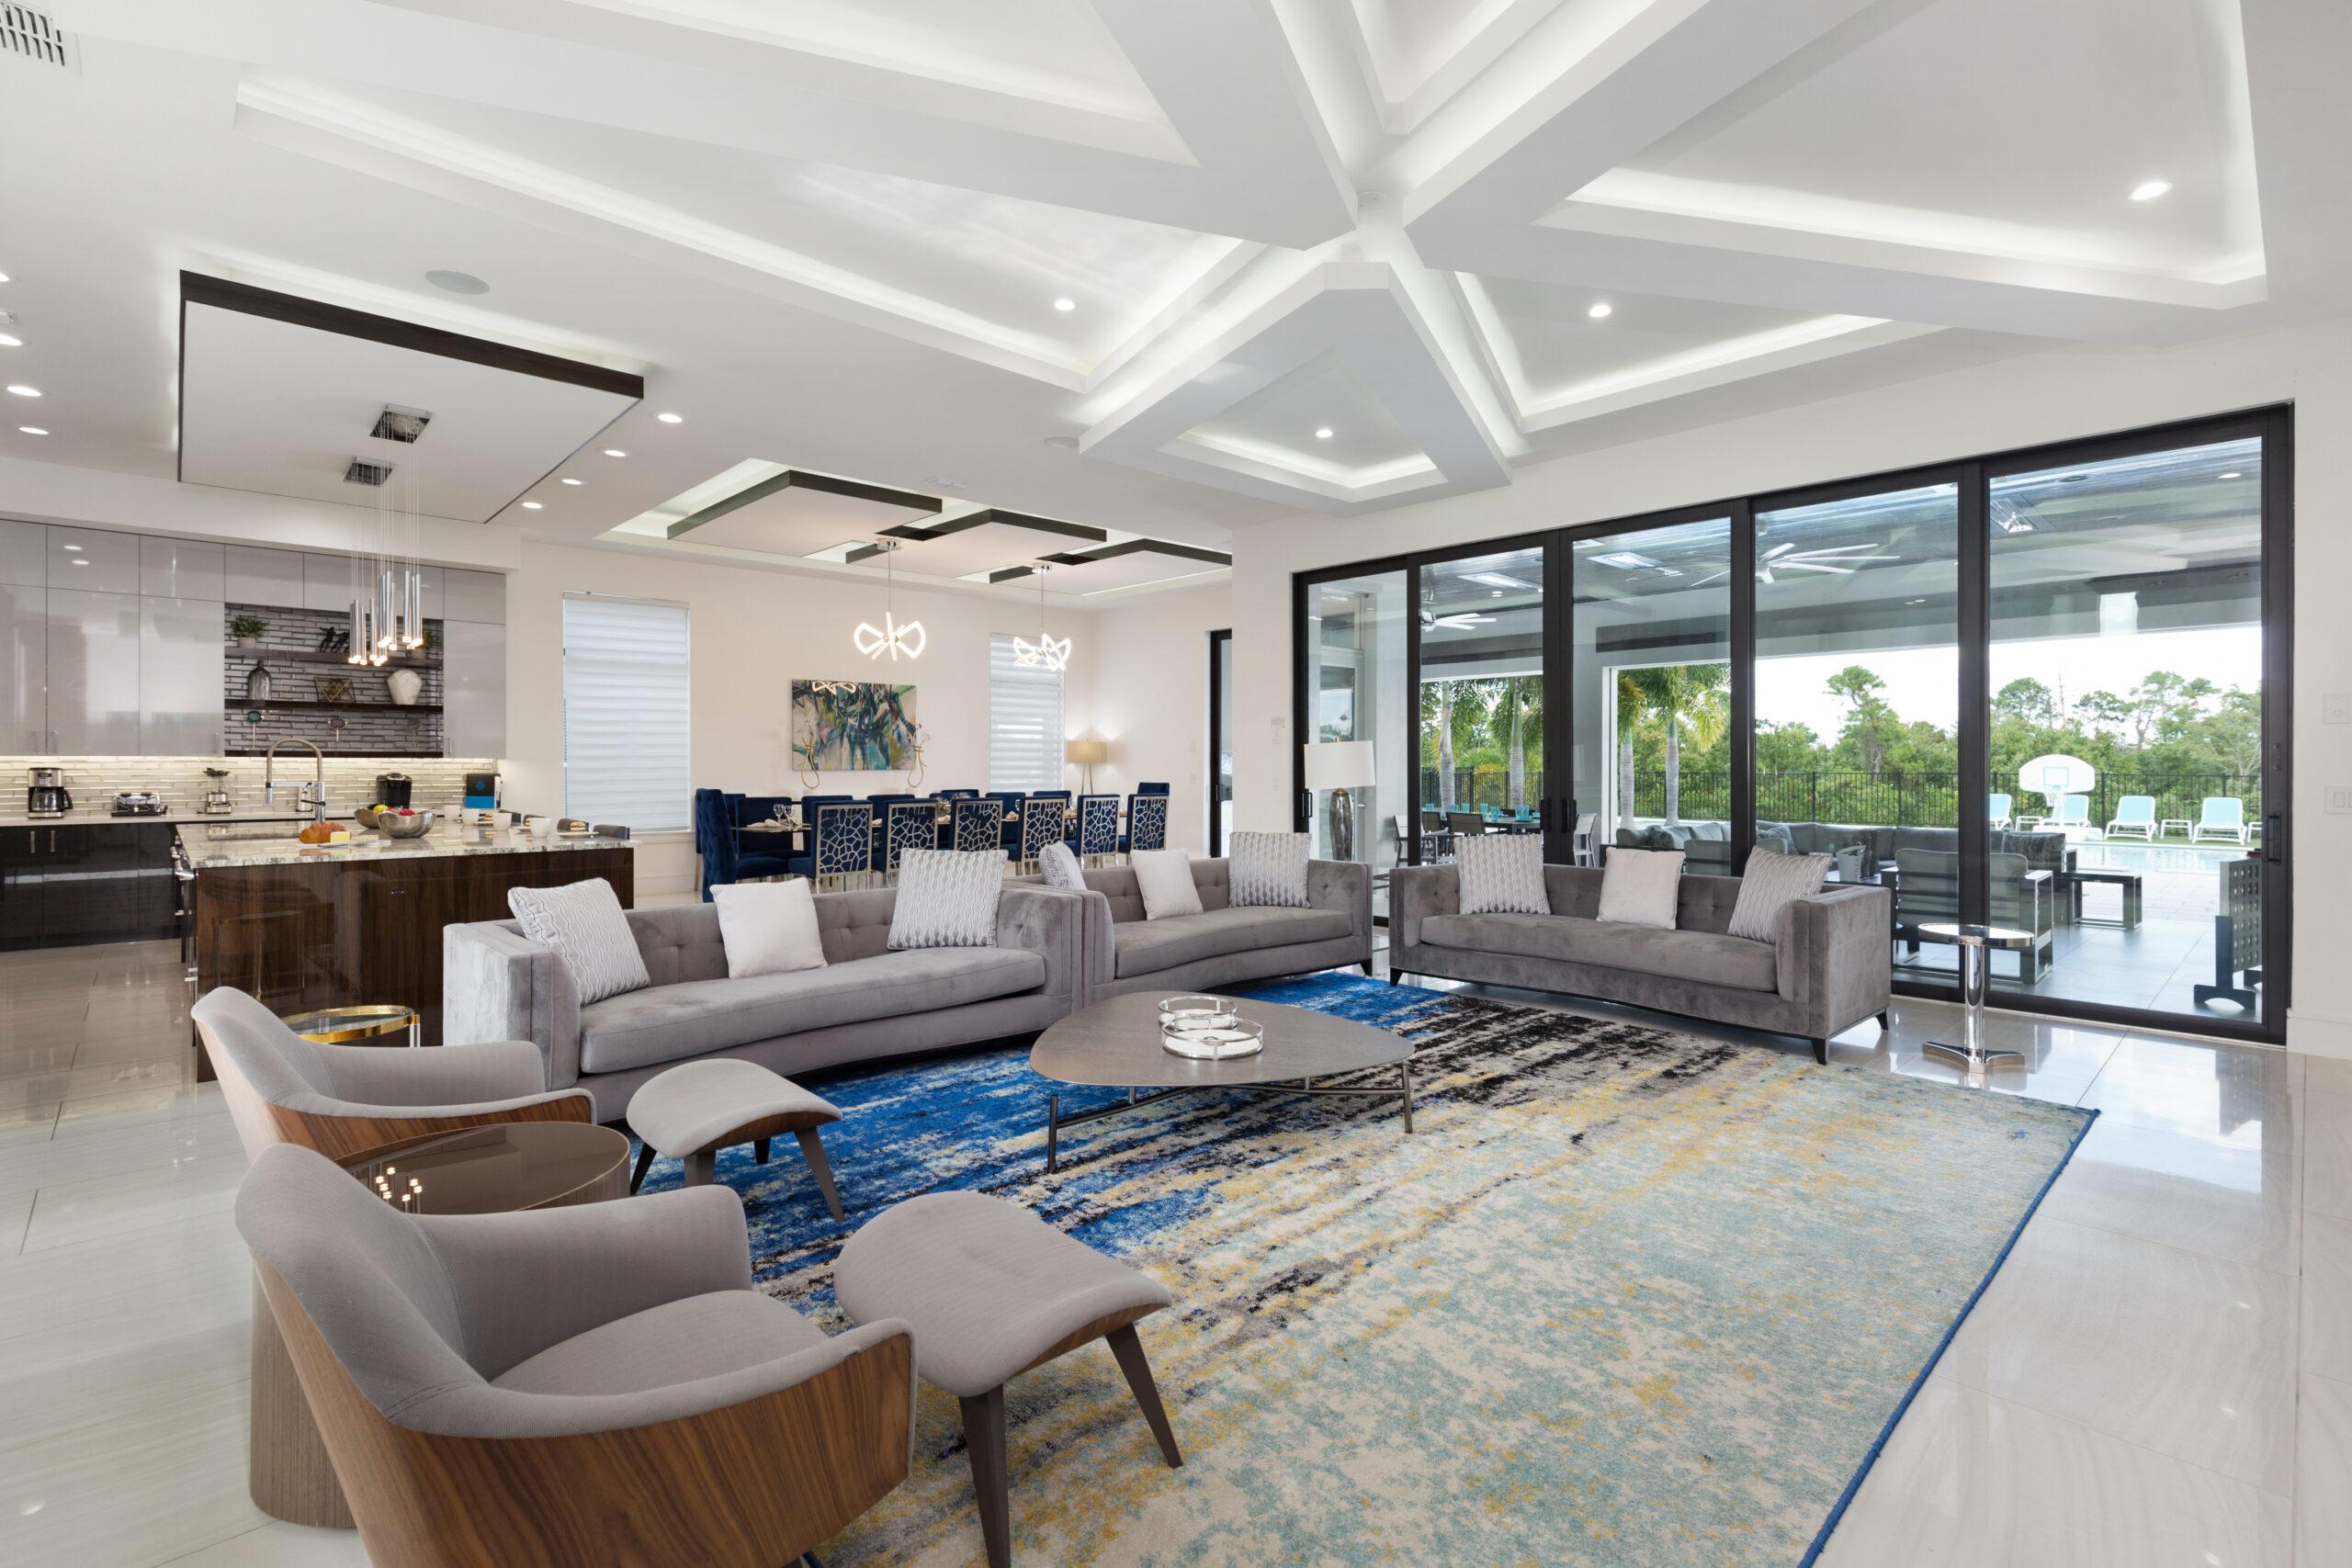 Top villas orlando reunion resort scaled